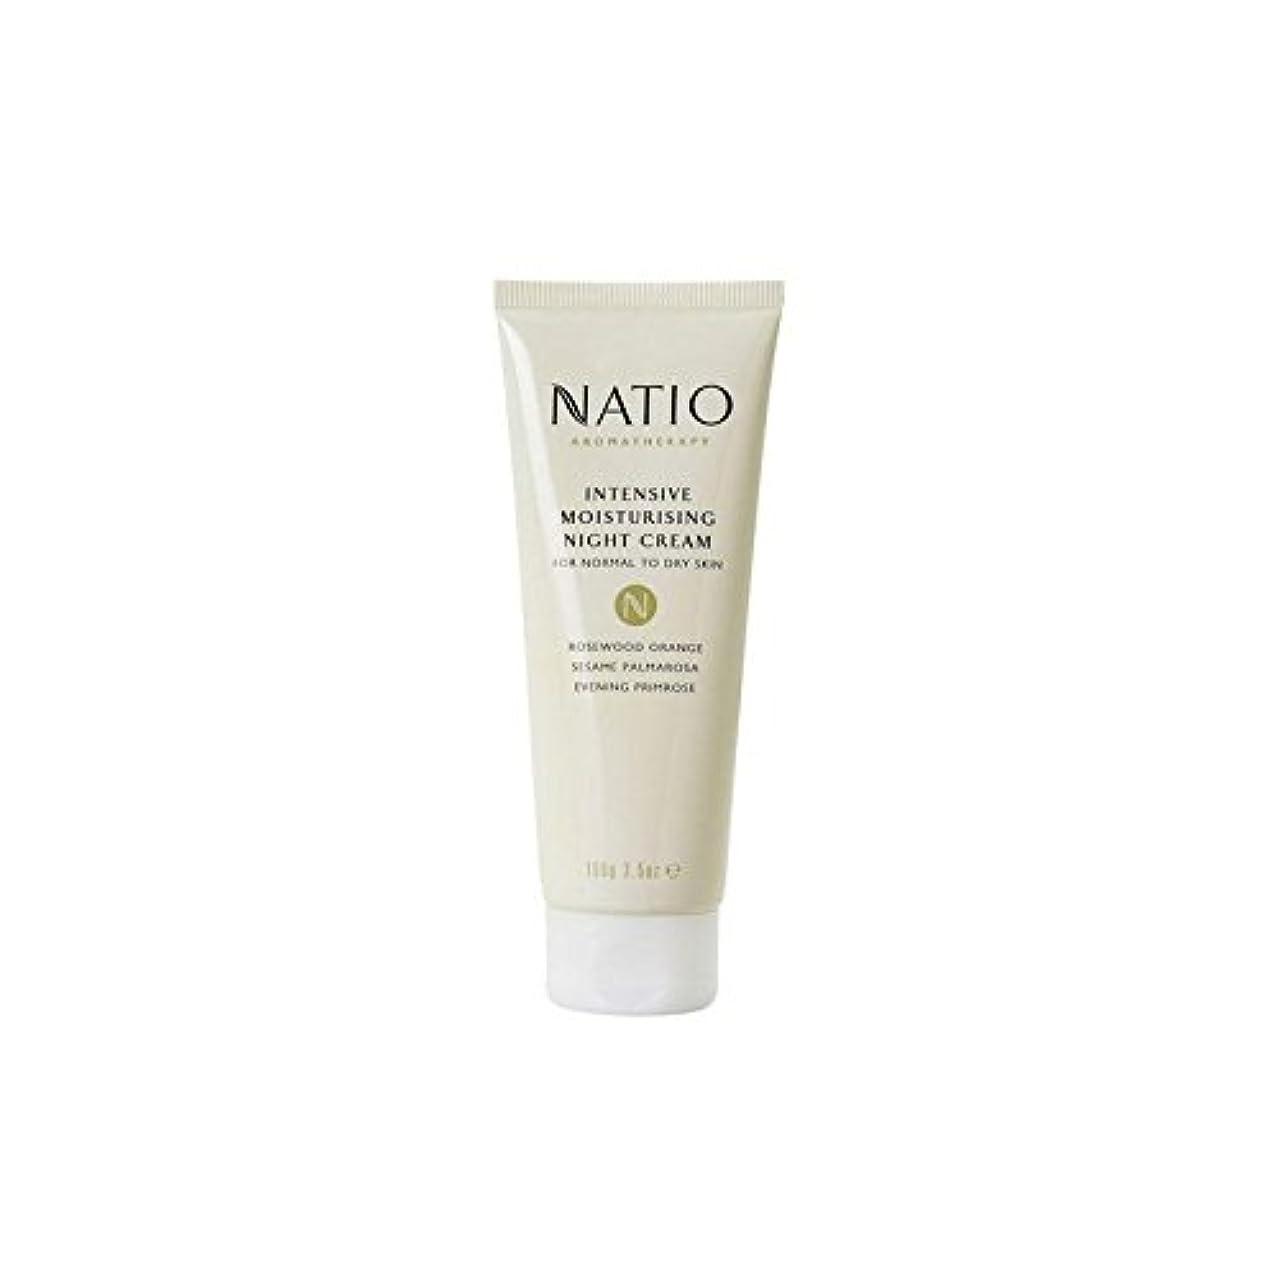 消すポットトリクル集中的な保湿ナイトクリーム(100グラム) x2 - Natio Intensive Moisturising Night Cream (100G) (Pack of 2) [並行輸入品]